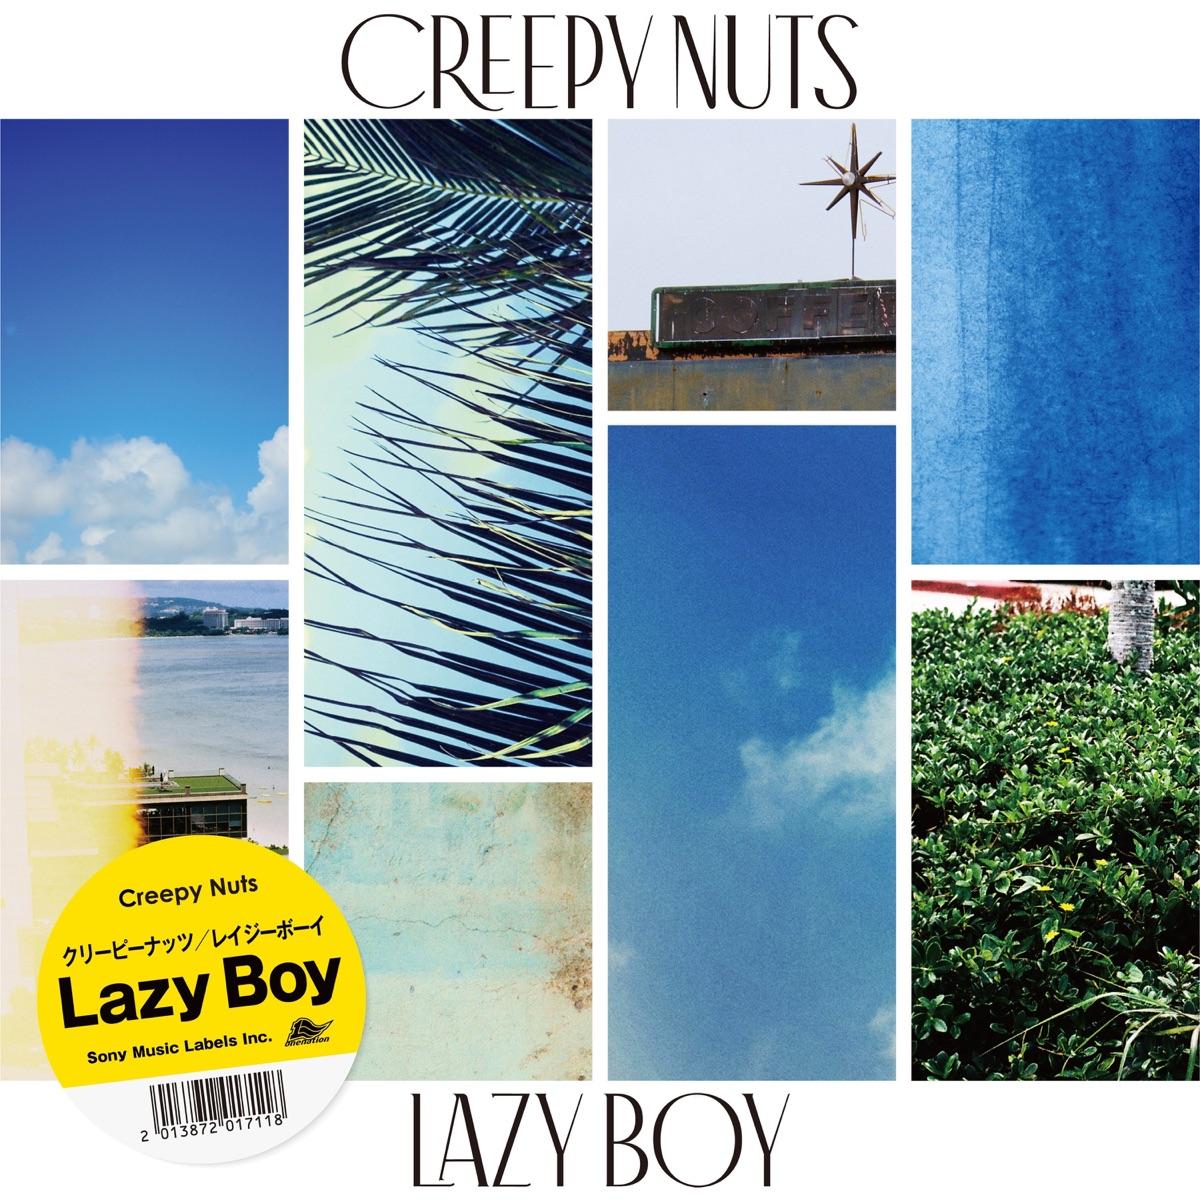 『Creepy Nuts - Lazy Boy』収録の『Lazy Boy』ジャケット